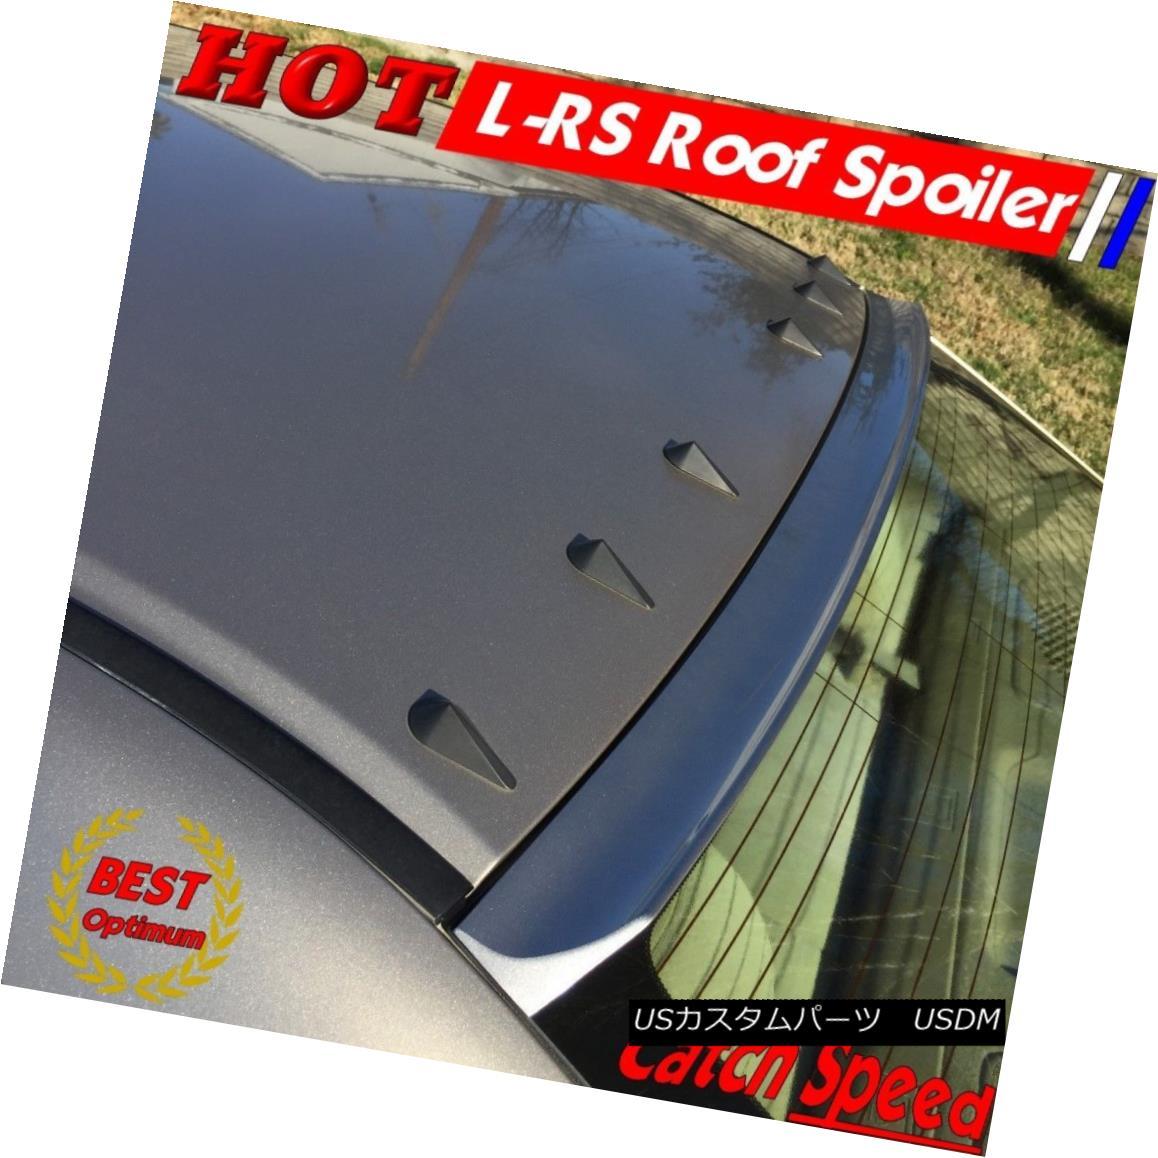 エアロパーツ Flat Black L Style Rear Window Roof Spoiler For 2007~10 M-Benz CLS W219 Sedan ? フラットブラックLスタイルリアウィンドウルーフスポイラー2007?10 M-Benz CLS W219セダン?